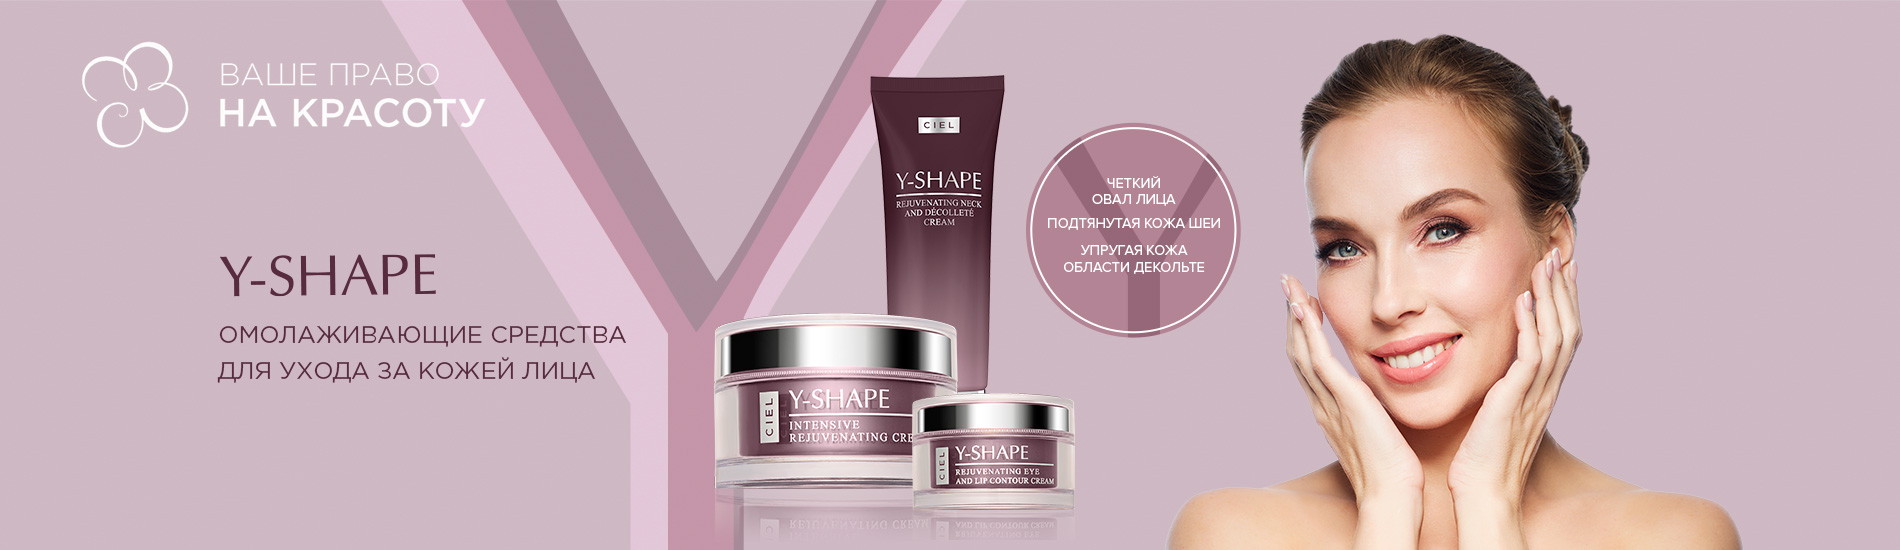 Y-SHAPE – серия омолаживающих средств для ухода за кожей лица, шеи и декольте в зрелом возрасте.